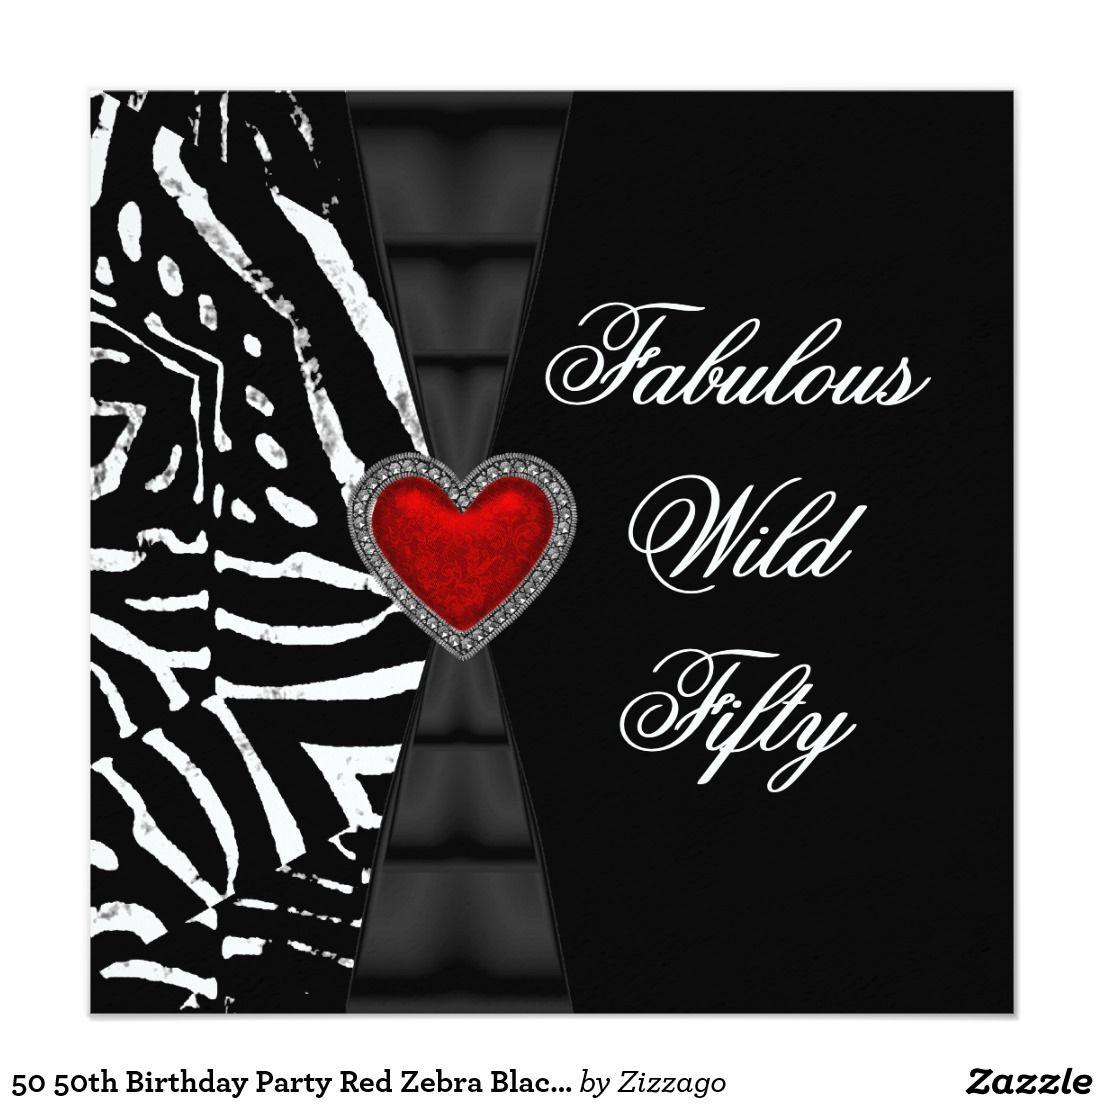 50 50th Birthday Party Red Zebra Black White Card | 50 birthday ...